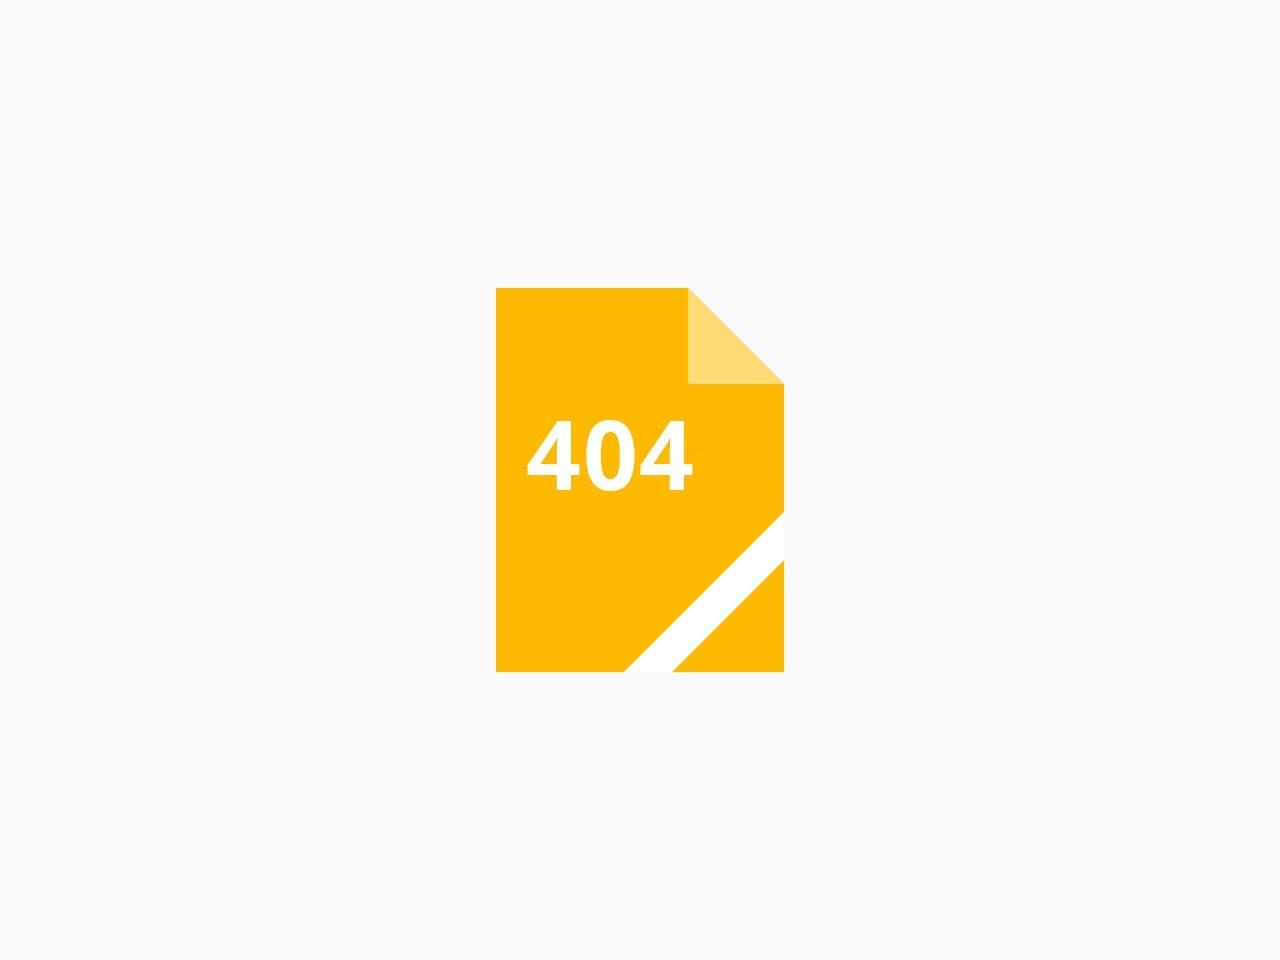 襄阳论坛_襄阳市文学摄影新闻综合社区